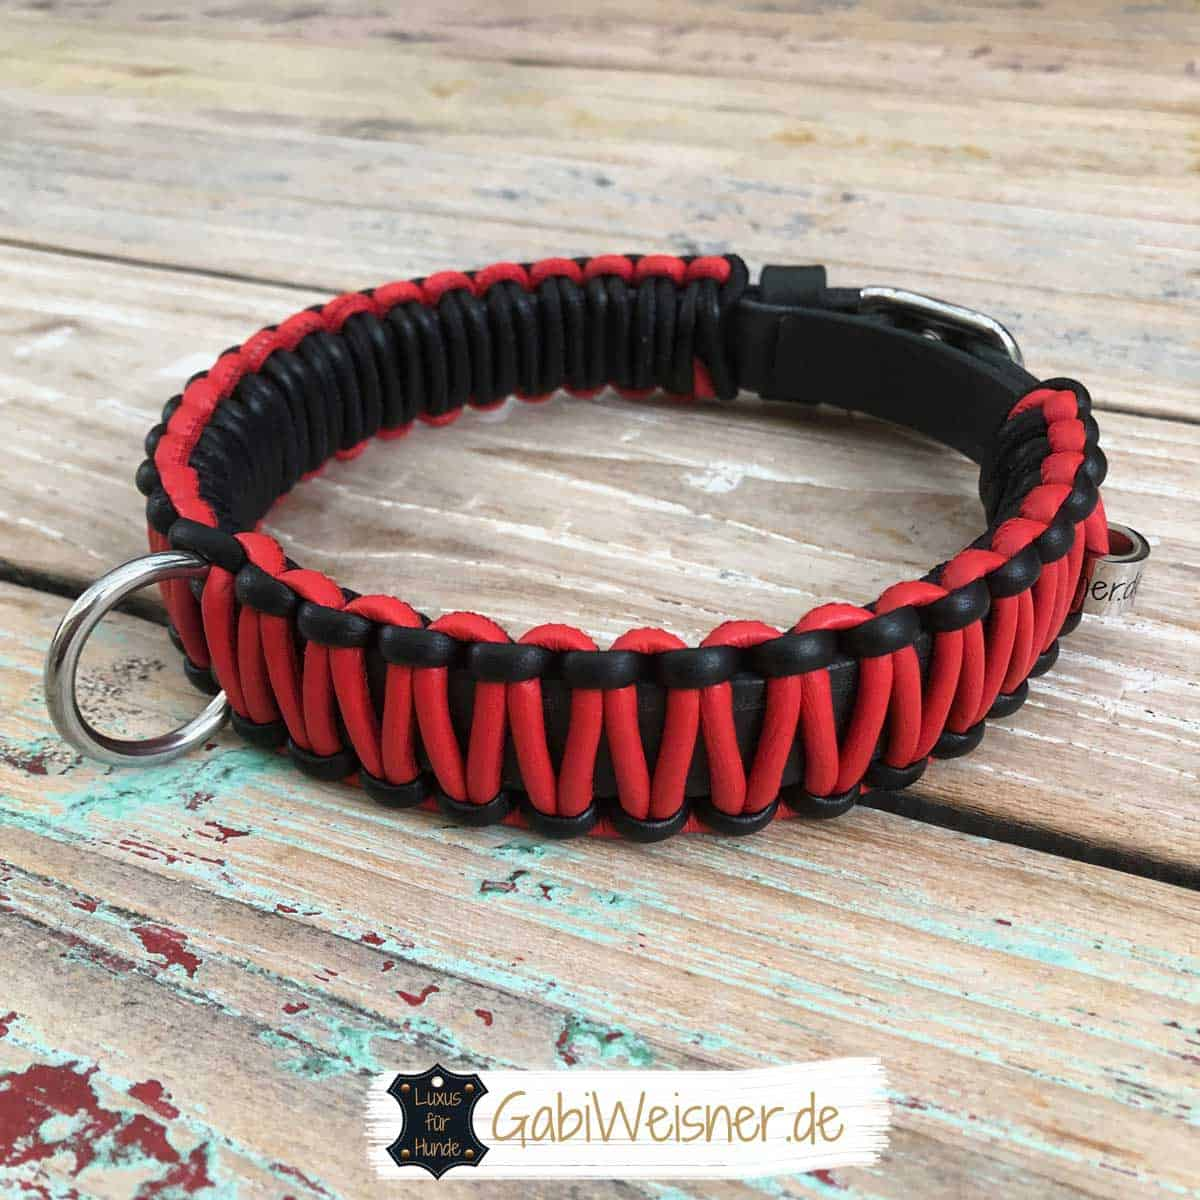 Hundehalsband 3 cm breit Leder in Schwarz Rot